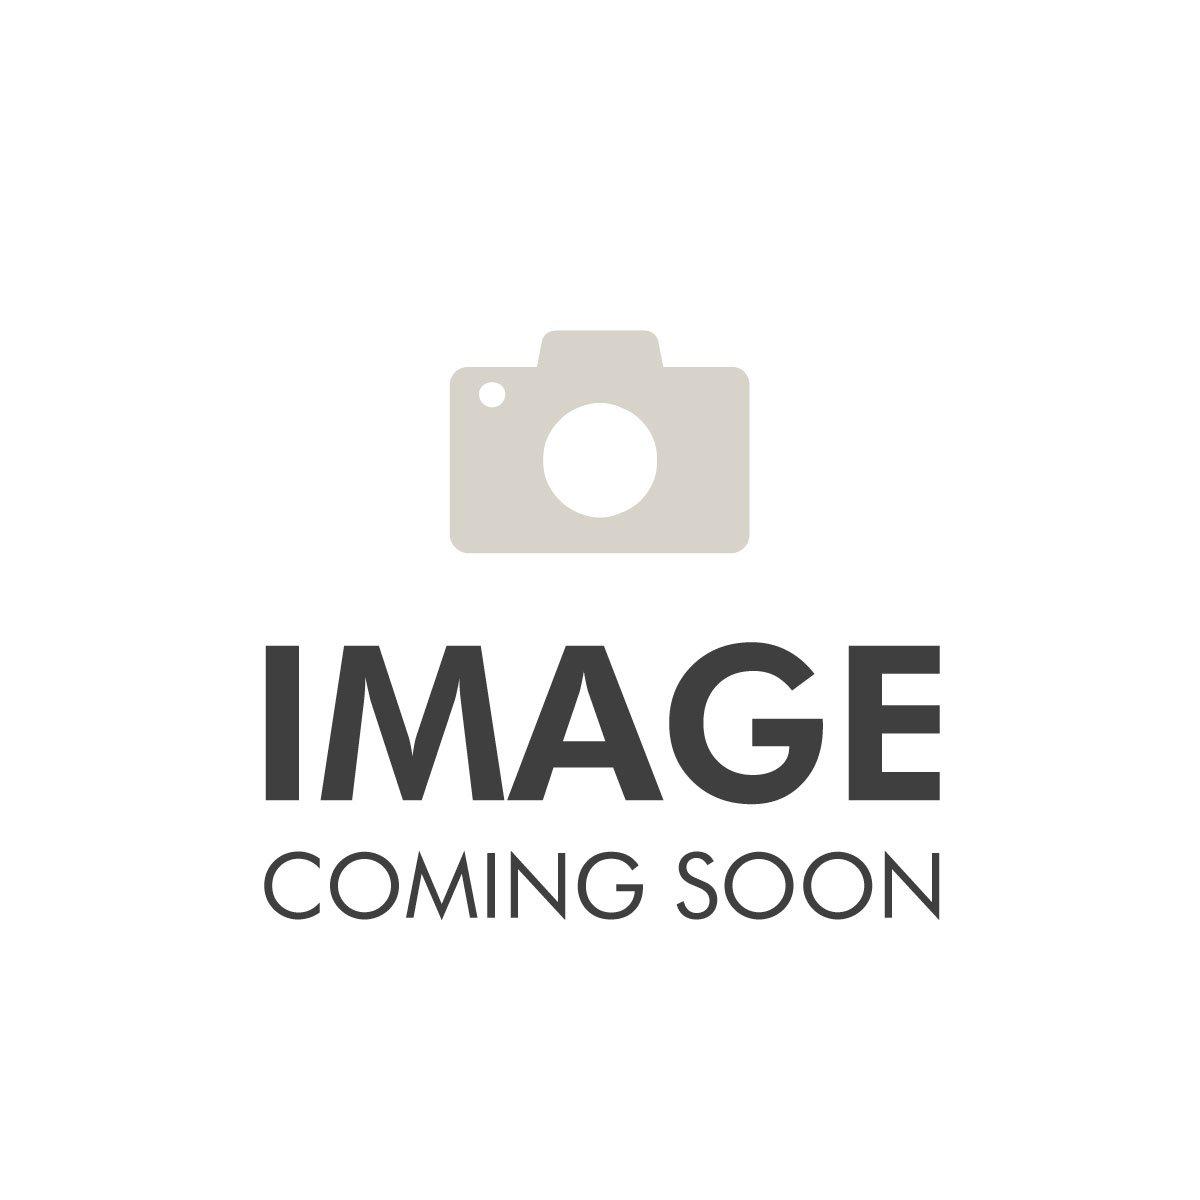 Dolce & Gabbana Dolce & Gabbana The One EDP 50ml Spray